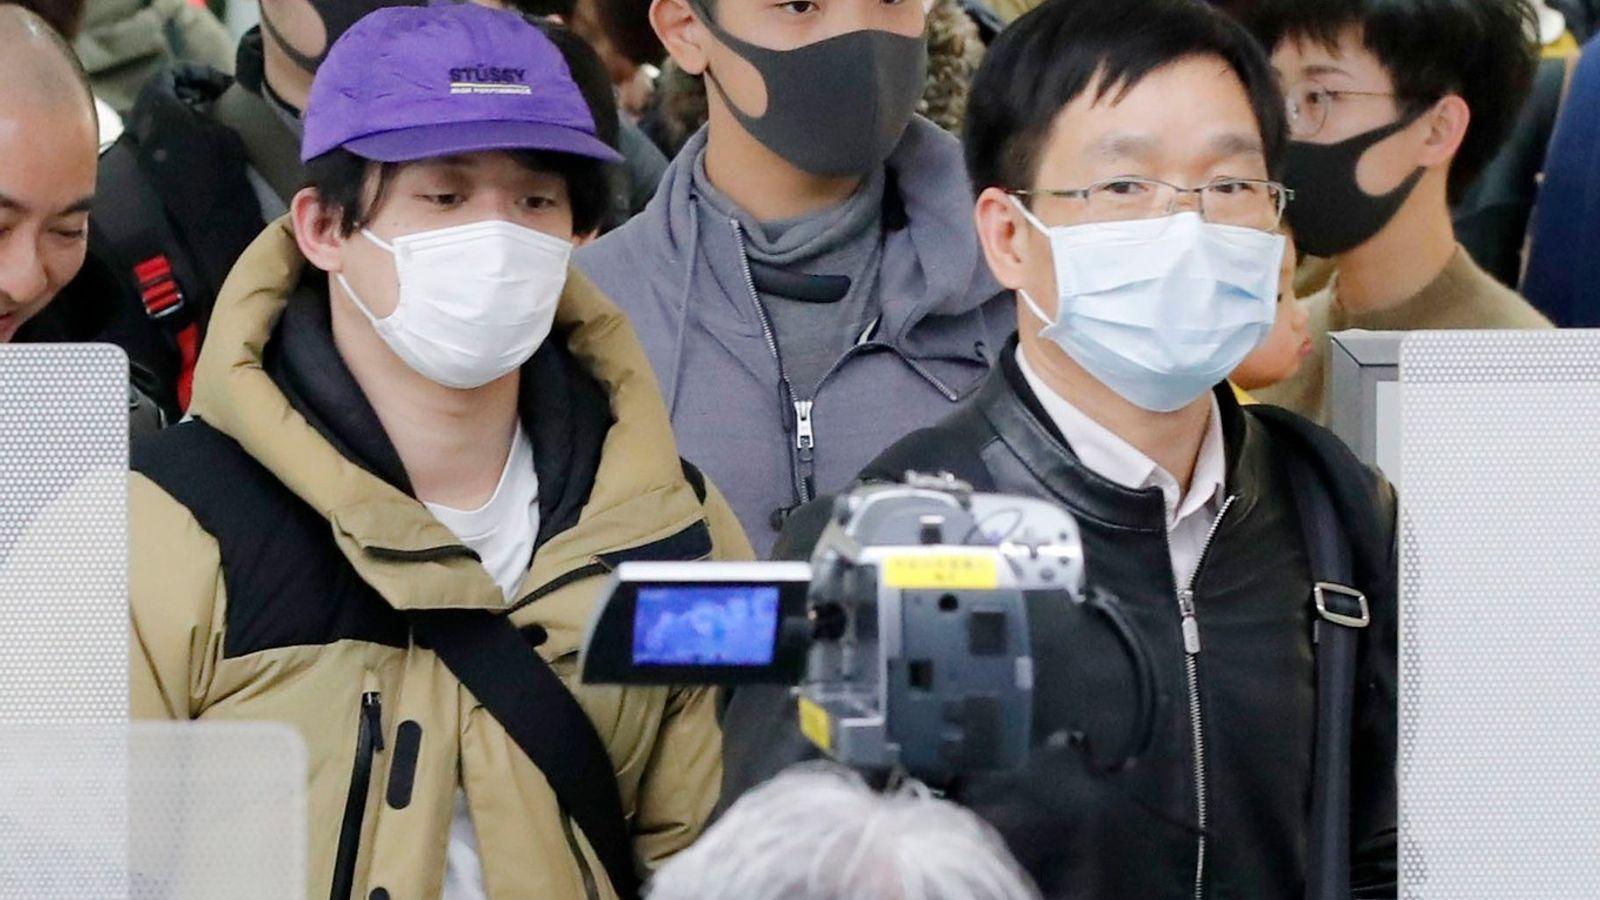 Pasajeros que viajaban desde la ciudad china de Wuhan, epicentro del nuevo coronavirus que provoca neumonía, ...